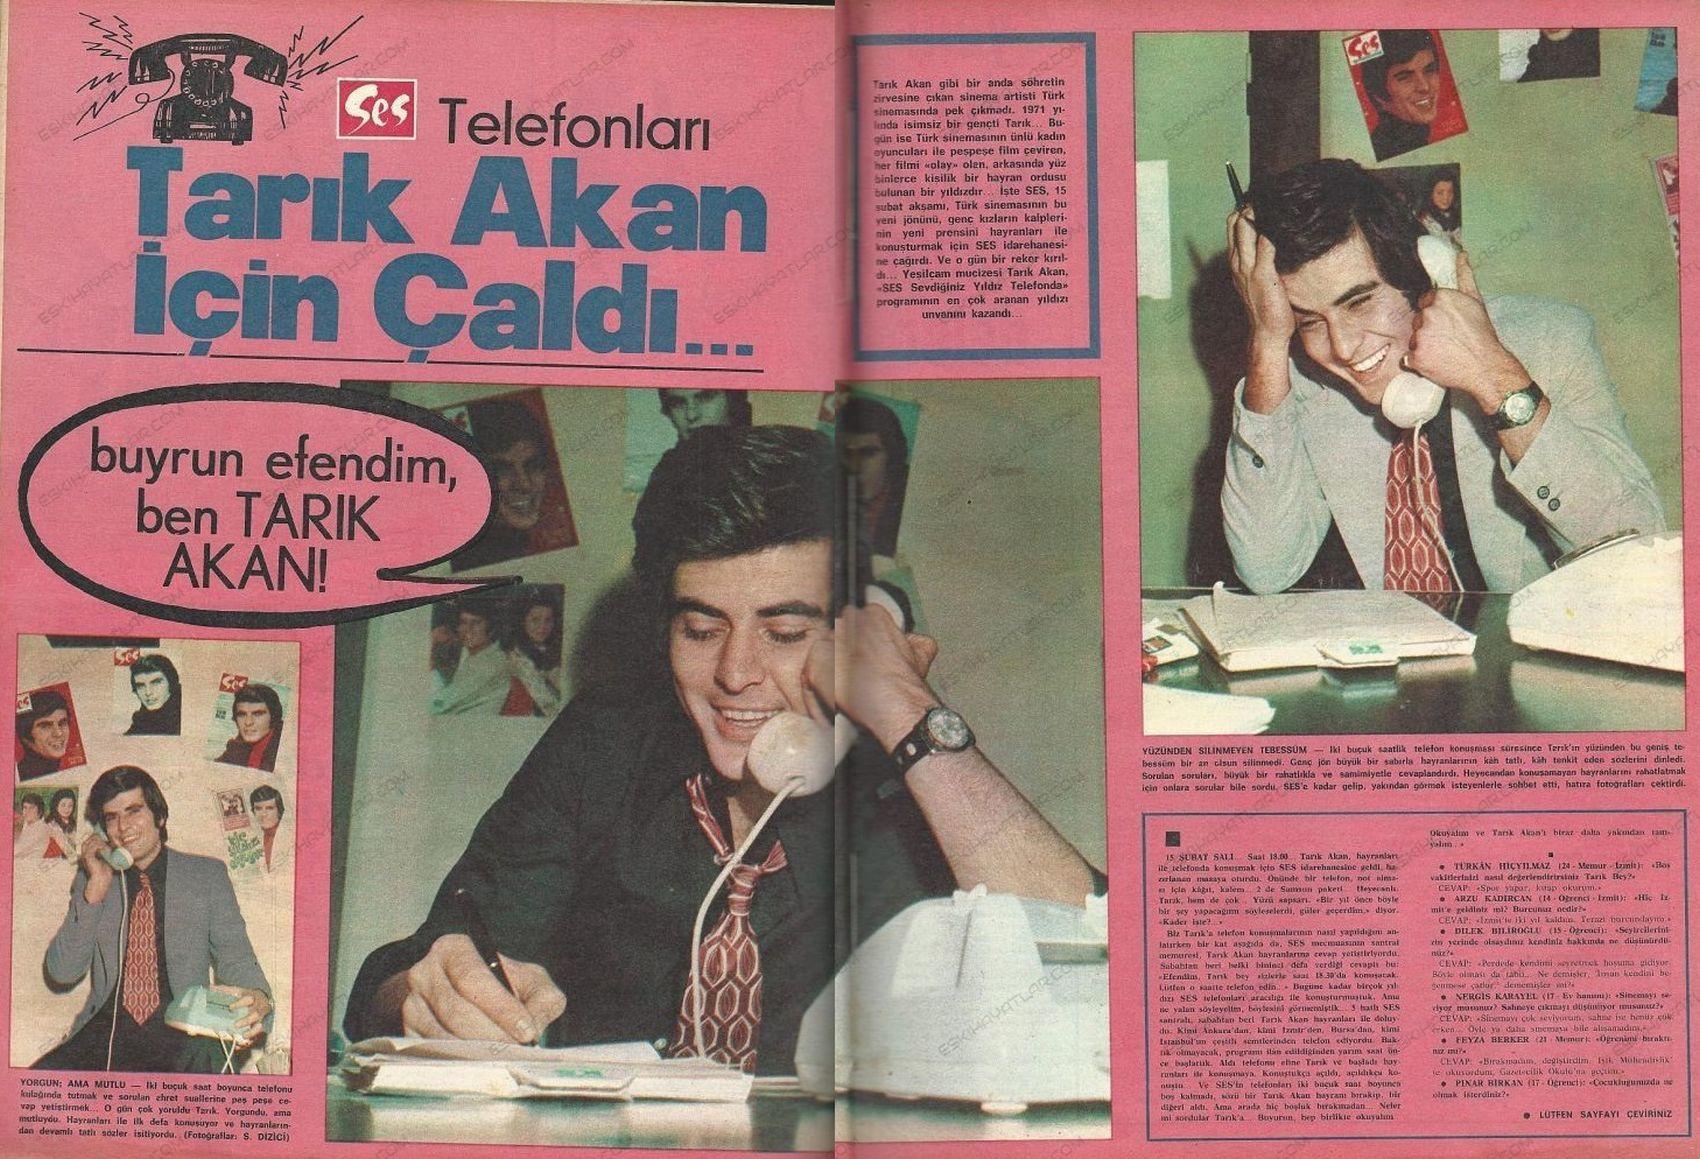 0294-tarik-akan-ses-dergisi-1972-hayranlariyla-telefonda (1)